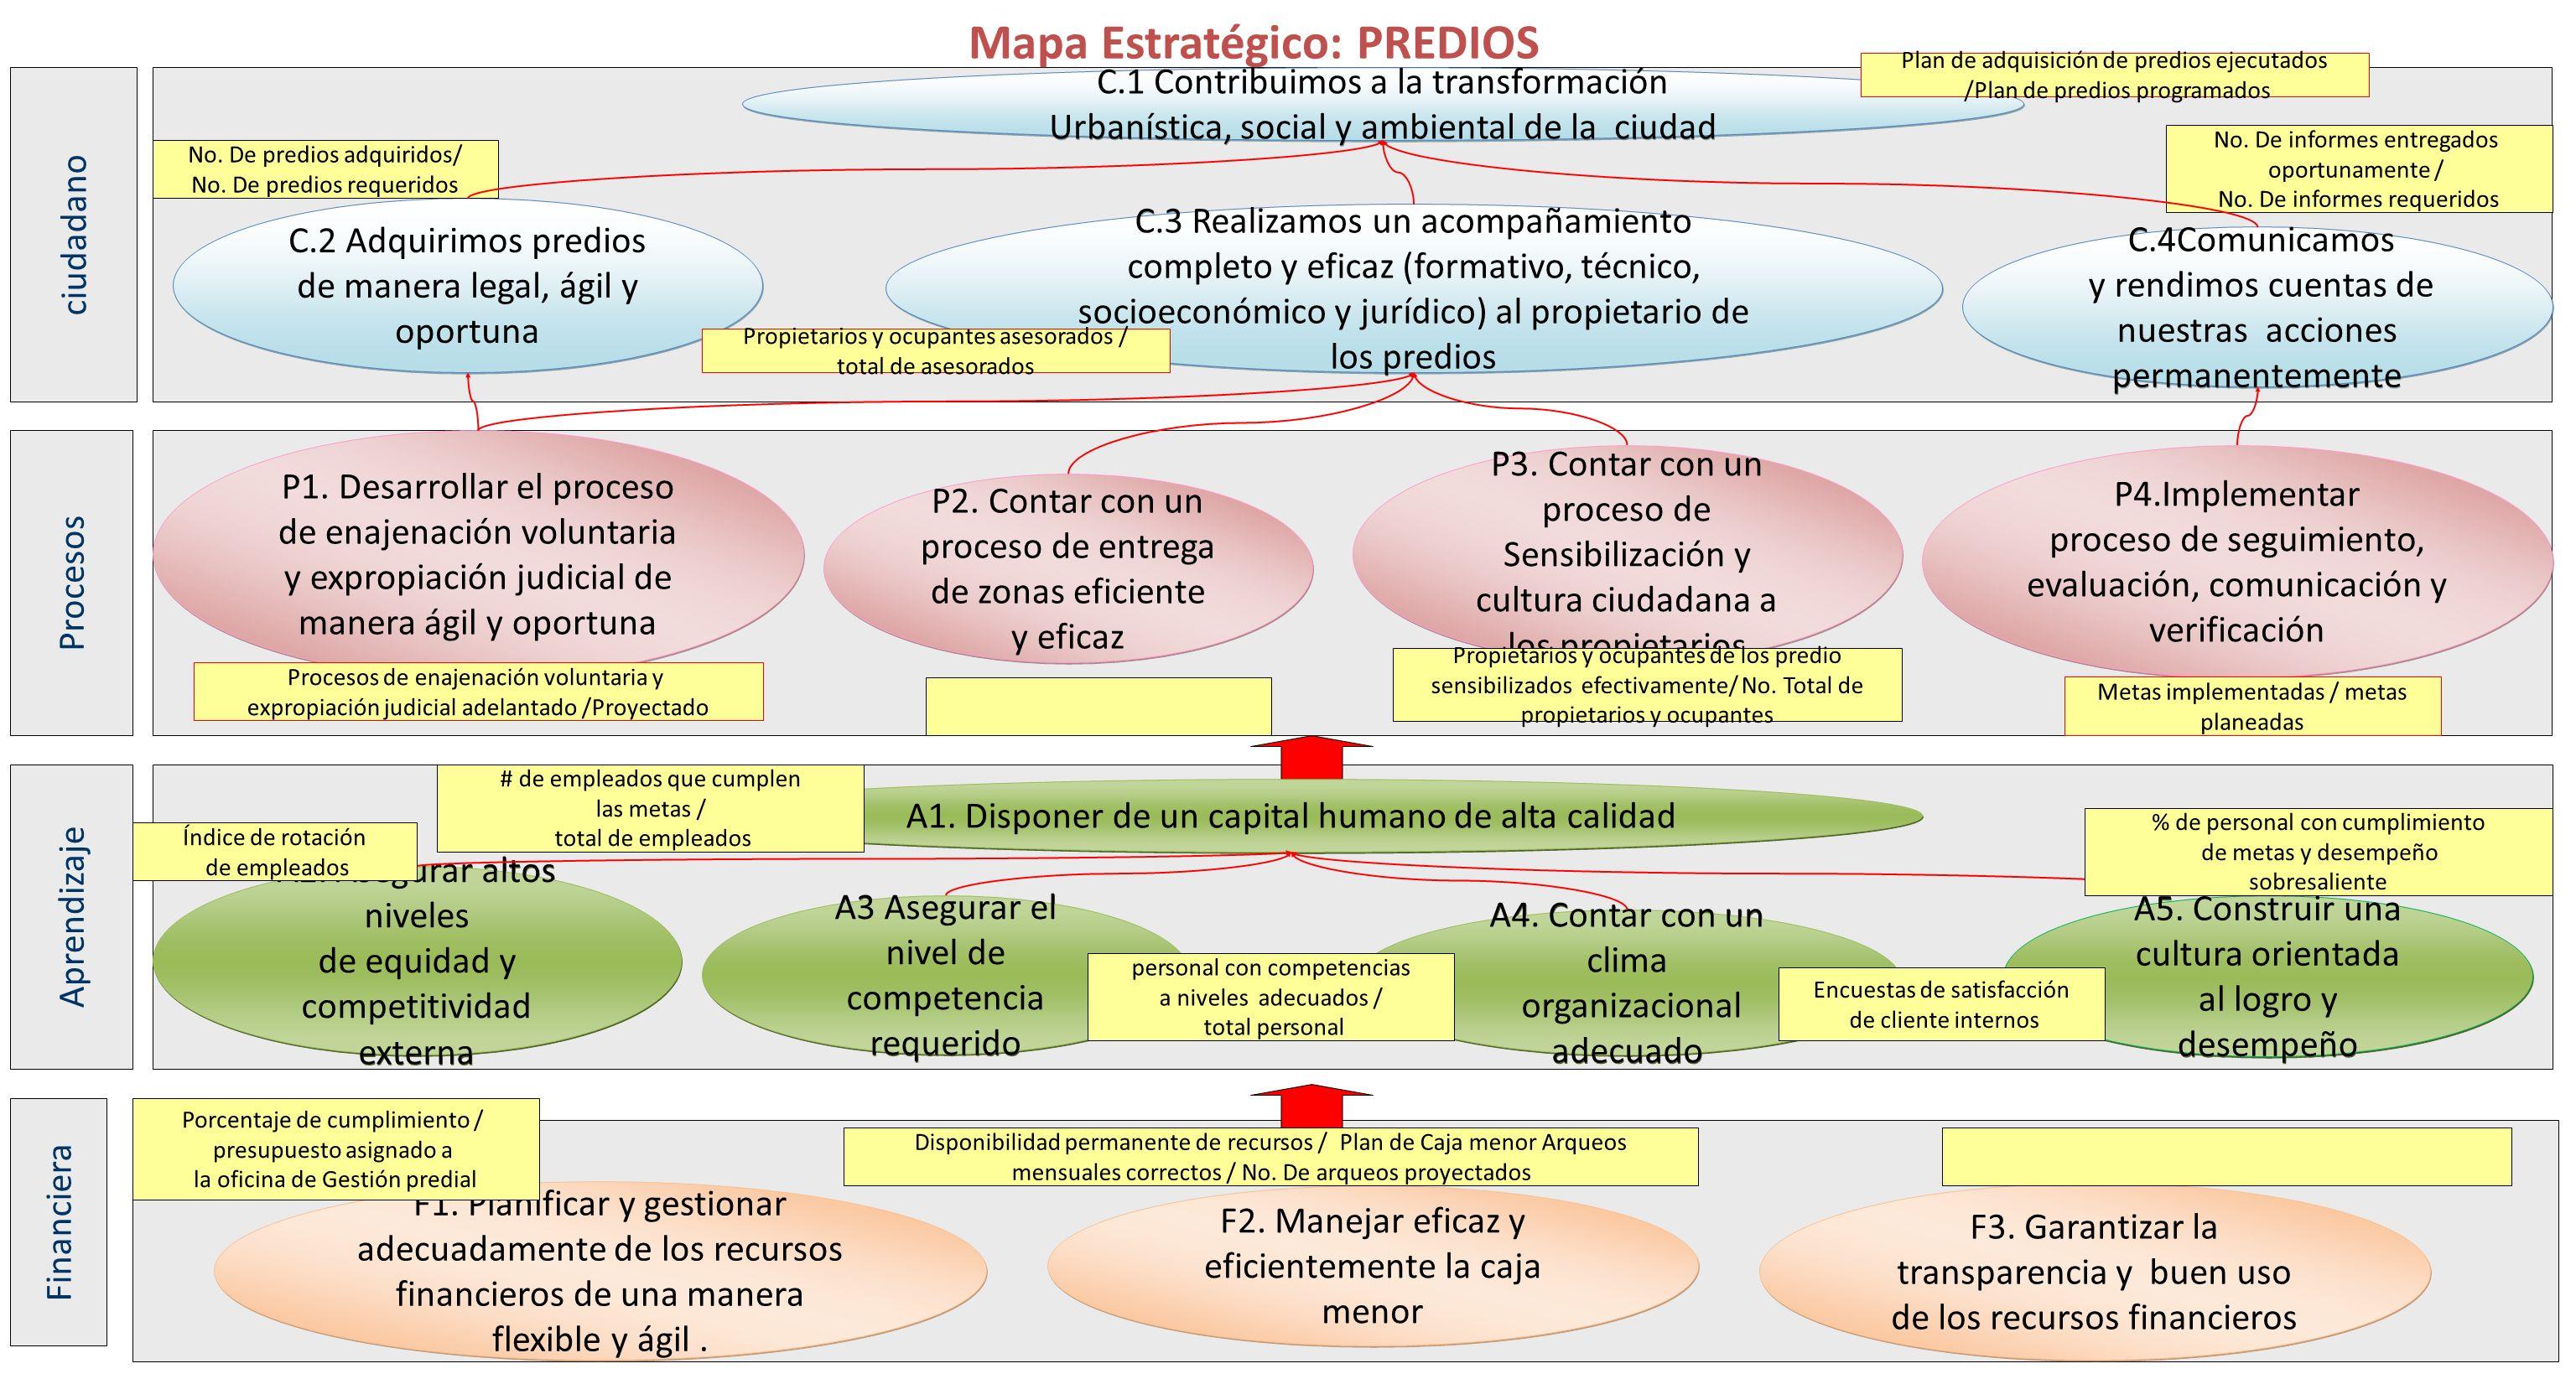 MACROPROCESO DE CONVIVENCIA Y SEGURIDAD MANEJO INTEGRAL DEL RIESGO Y ATENCION DE DESASTRES CONVIVENCIA Y FORTALECIMIENTO SOCIAL CONTROL Y MANTENIMIENTO DEL ORDEN PUBLICO Resolución de conflictos Formación ciudadana GESTION DEL TRANSITO Y TRANSPORTE MACROPROCESO CONVIVENCIA Y SEGURIDAD Objetivo: Promover la solidaridad social, la apropiación, el respeto y la vigilancia de los deberes ciudadanos y los derechos humanos para el fortalecimiento de la convivencia pacífica, seguridad y la paz de los habitantes del municipio de Santiago de Cali.